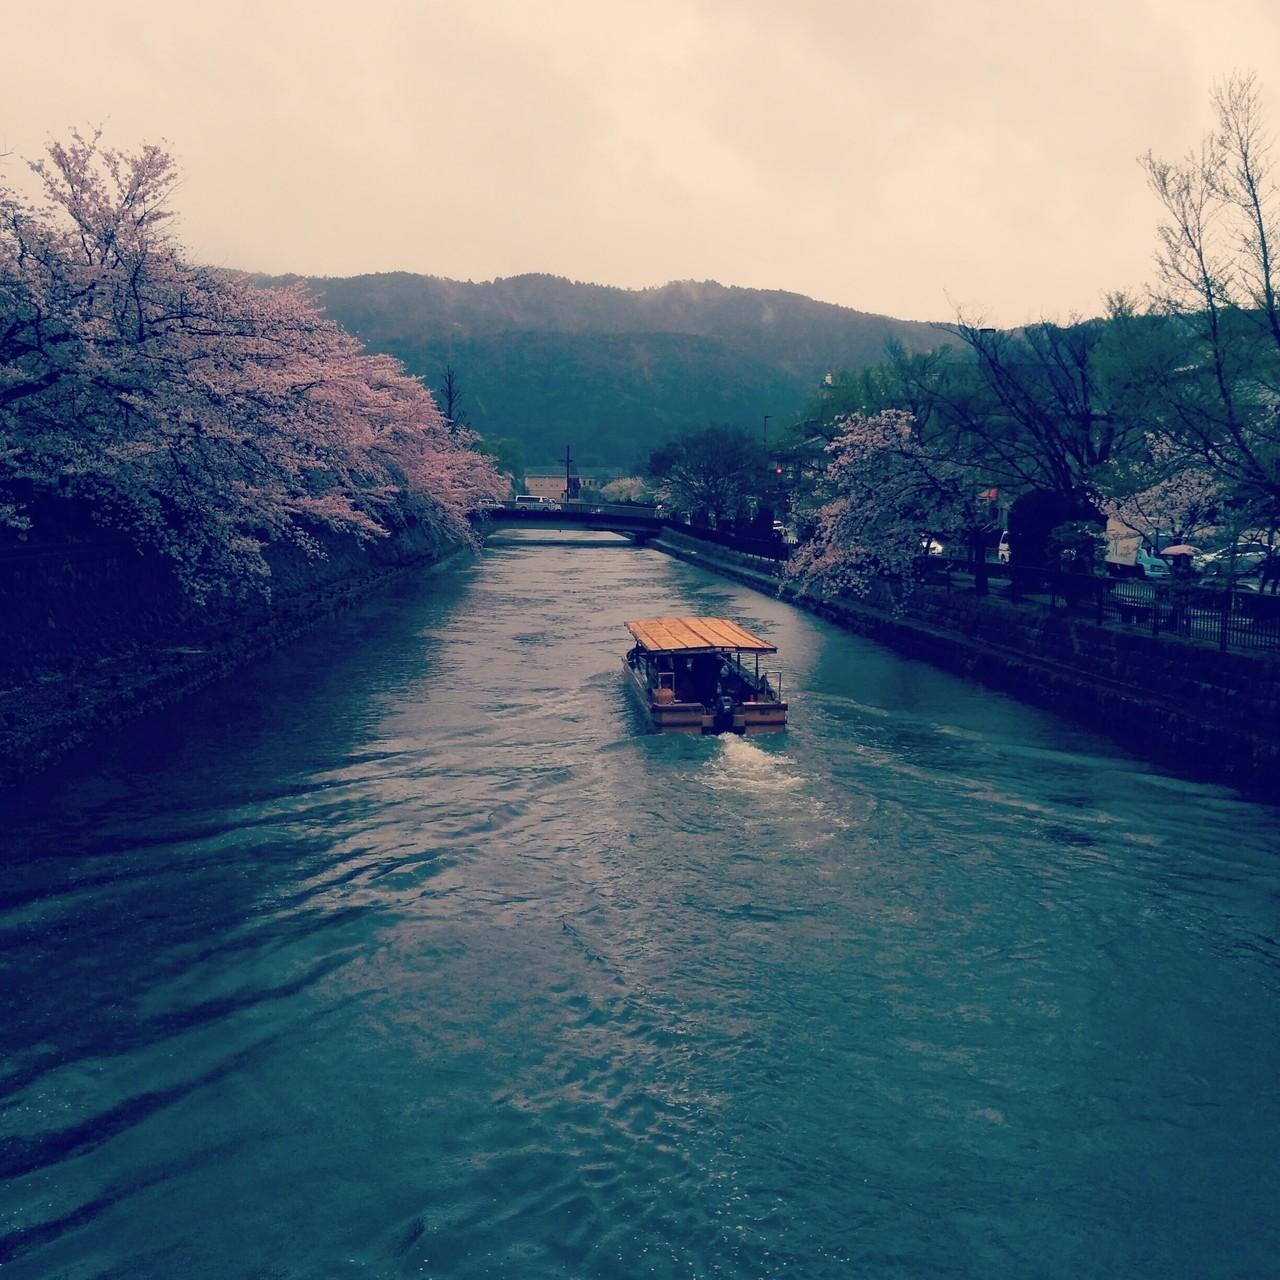 図書館の帰り道 美術館そばに立つ桜は、雨の中でも美しく バスを待ちながら舟を見送る